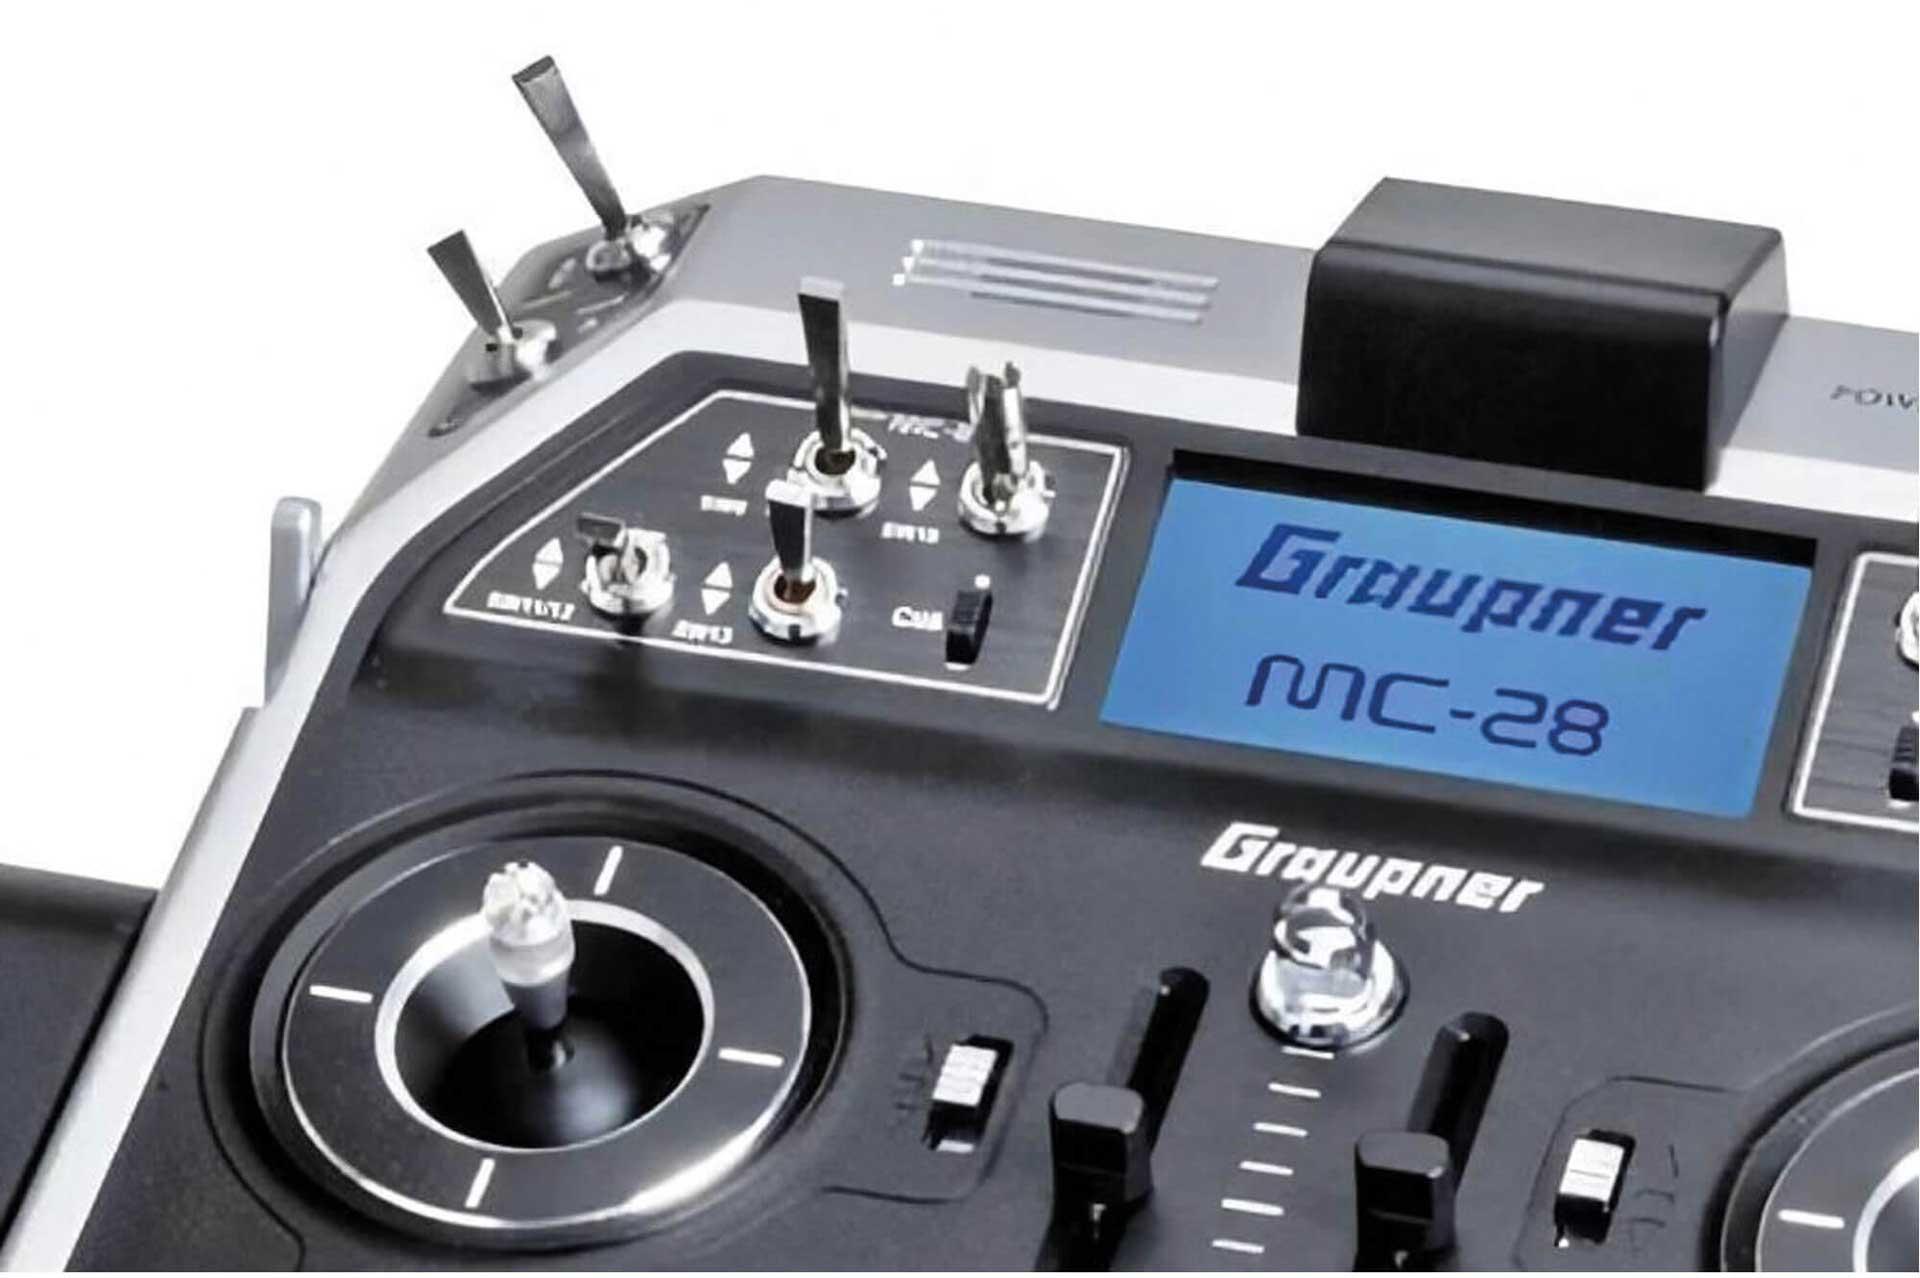 GRAUPNER MC-28 HOTT EINZELSENDER 2,4Ghz FERNSTEUERUNG